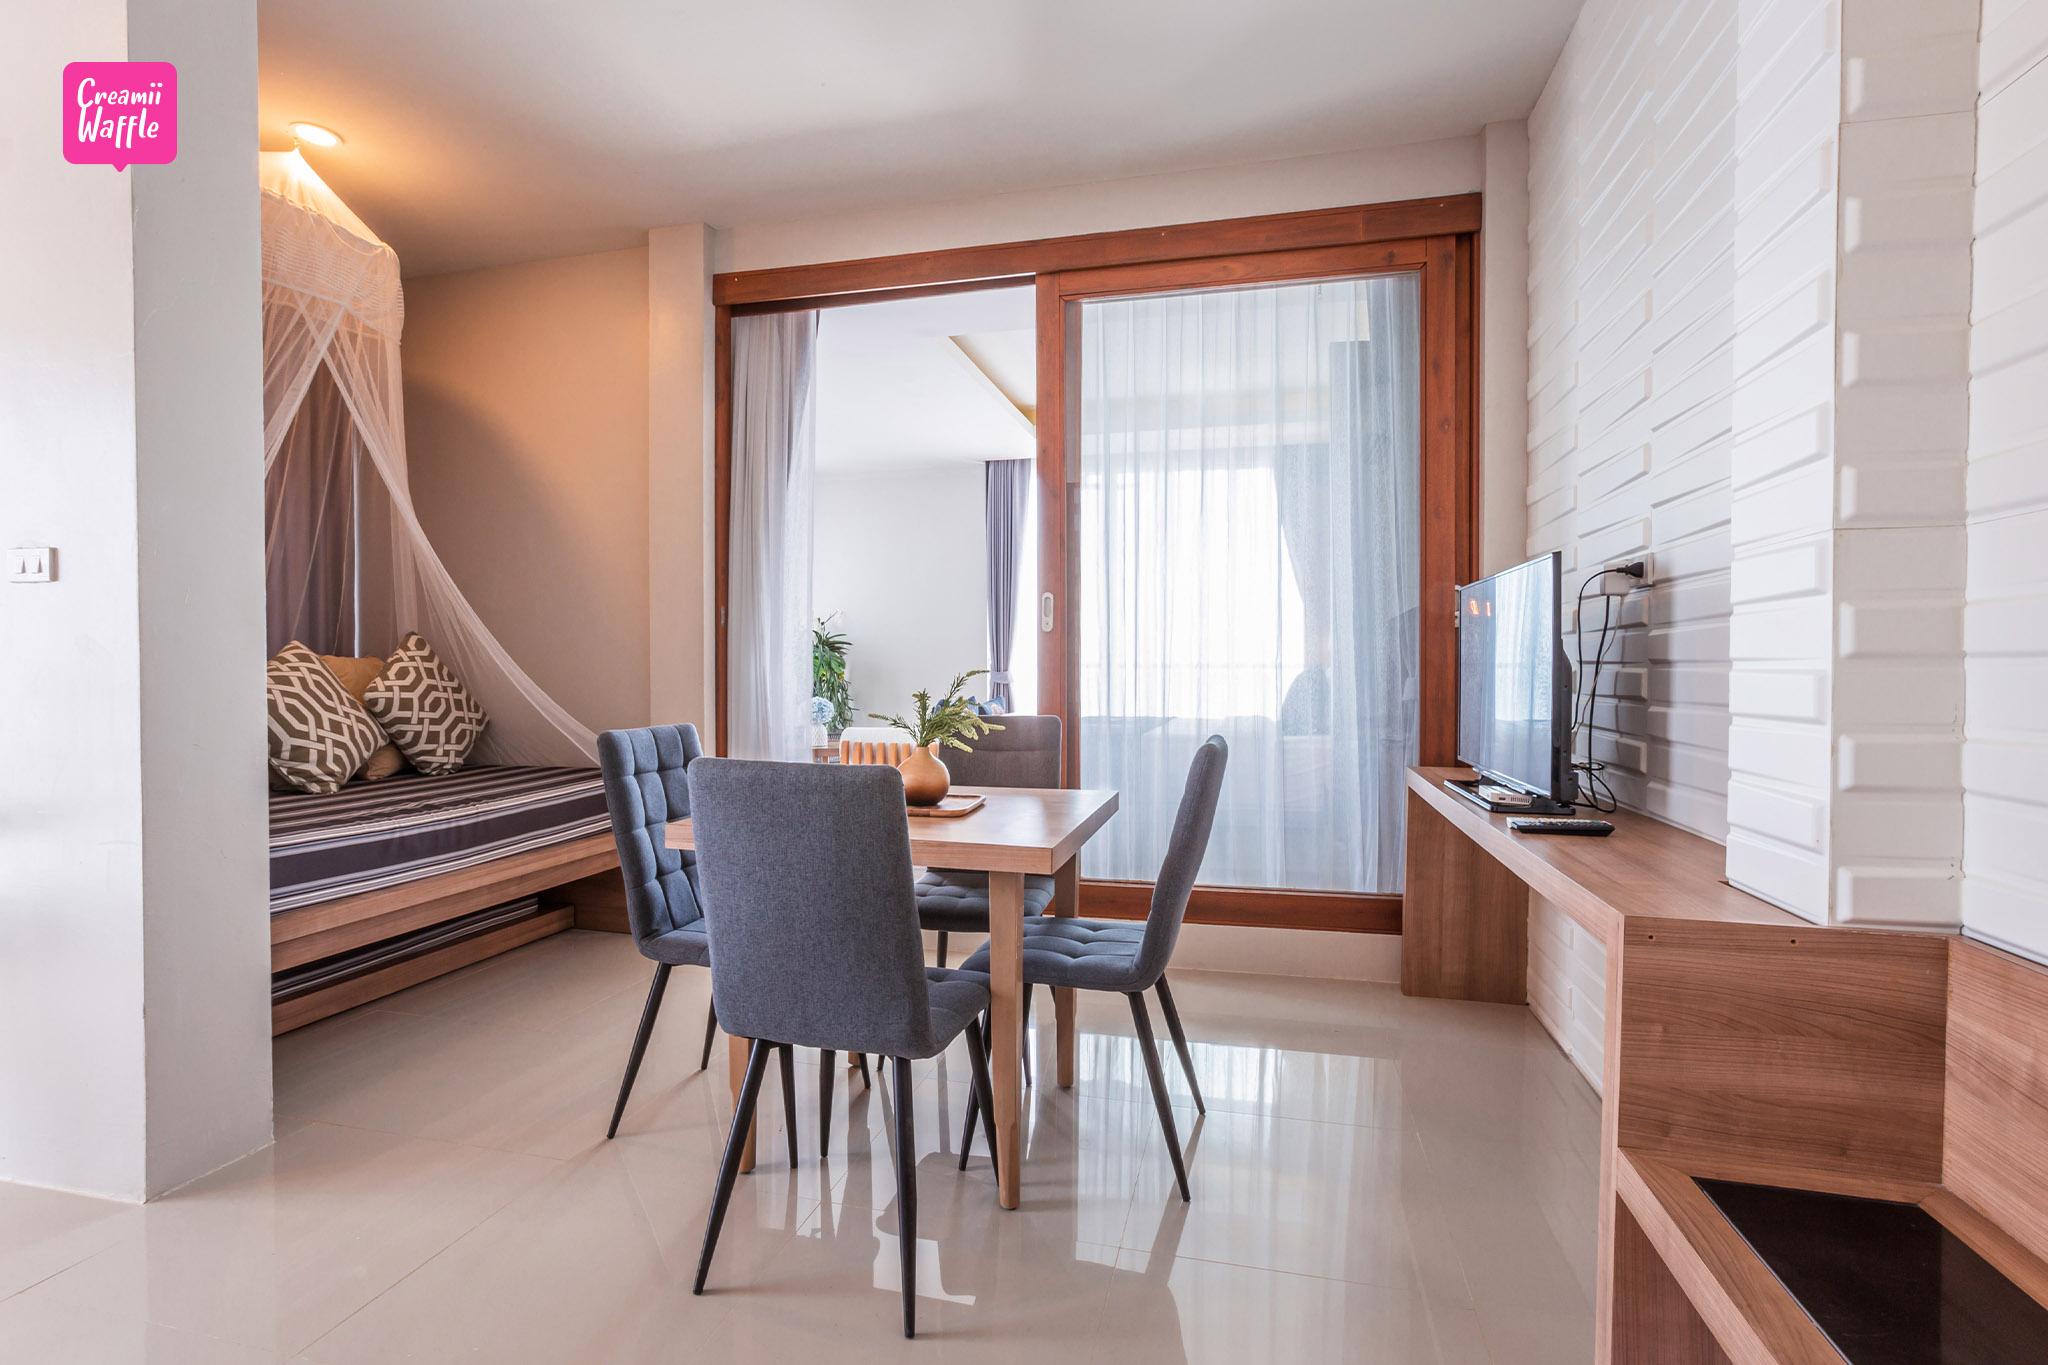 โรงแรม จันทบุรี มัลดีฟส์ บีช รีสอร์ท ที่พักสะอาด